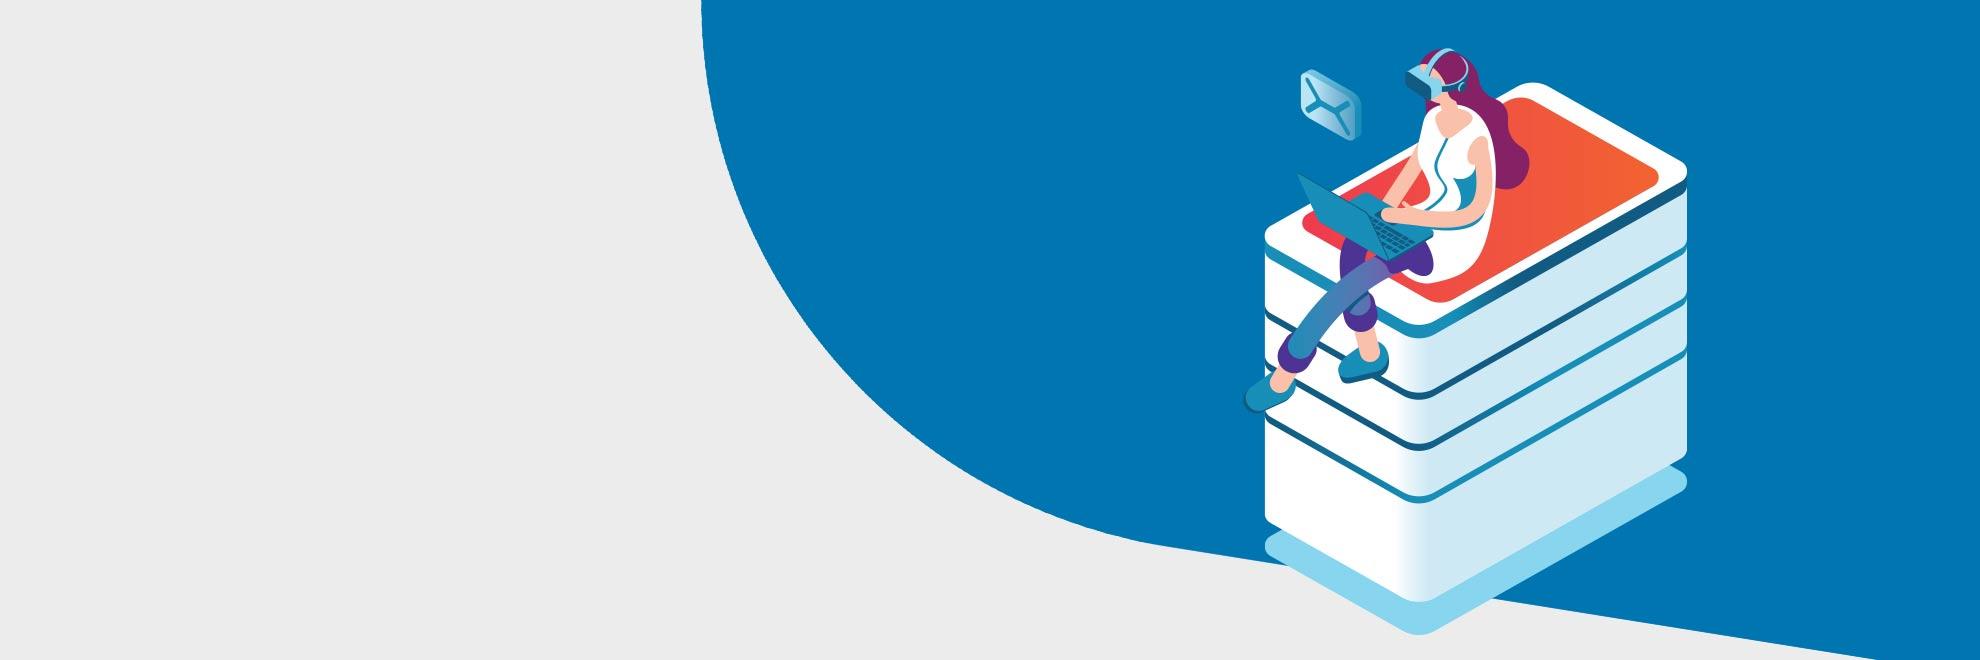 ITCS Online IT-Jobmesse